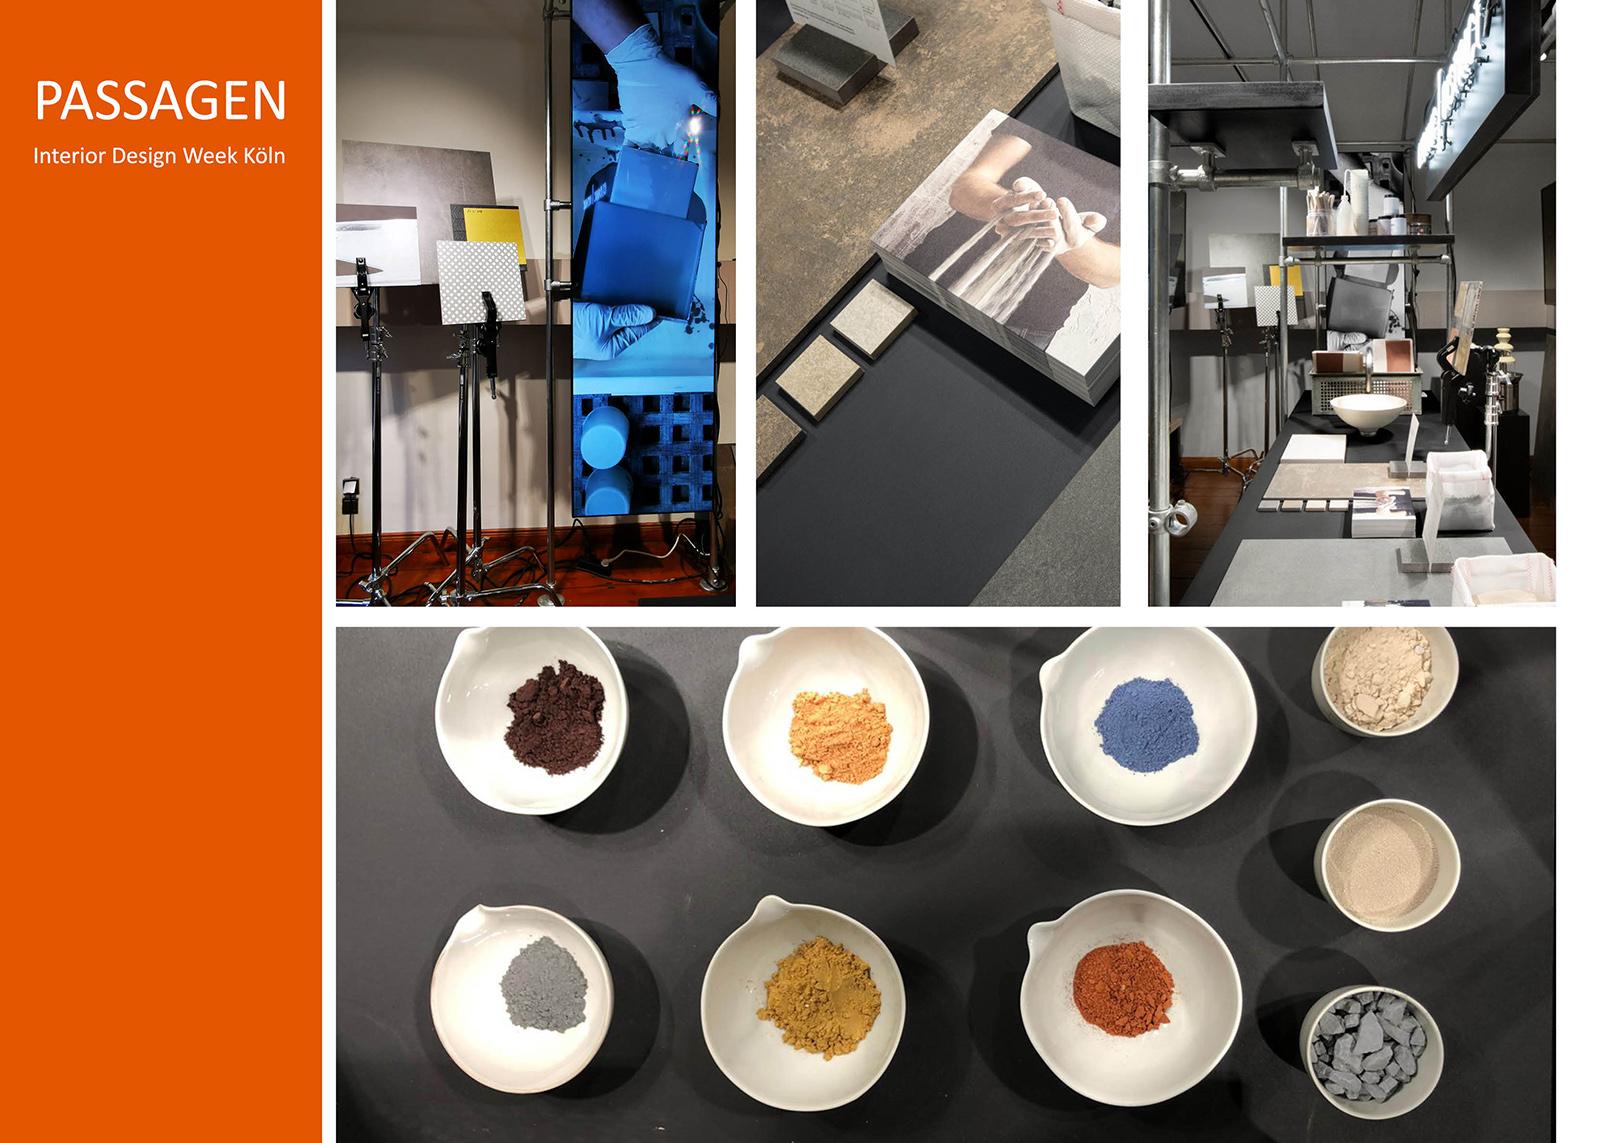 Passagen Interior Design Week Köln - Ceramic District